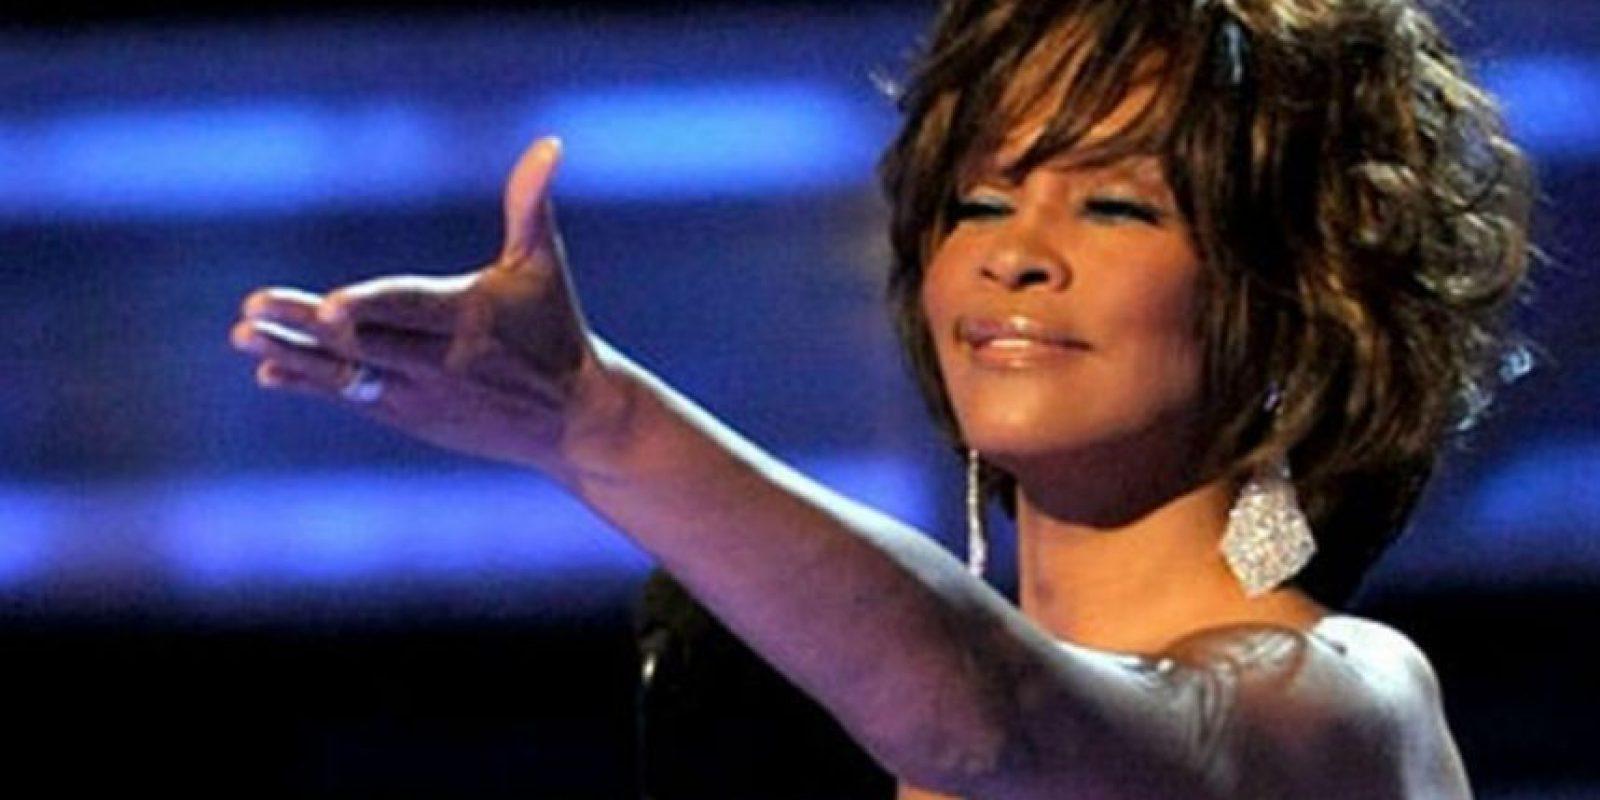 """Supuestamente Whitney Houston está en el infierno. Fue vista por la predicadora Linda Ngahuah, de Sierra Leona. Ella murió en 2013 y supuestamente Jesús le mostró el cielo y el infierno. Houston le pidió a la predicadora que llevaran a su hija Bobbi Kristina a conocer de Dios y que donaran todo su dinero a los cristianos. Que le dijera a sus colegas que el infierno era real, pero Jesús le respondió que era """"demasiado tarde"""" para eso. Foto:vía Getty Images"""